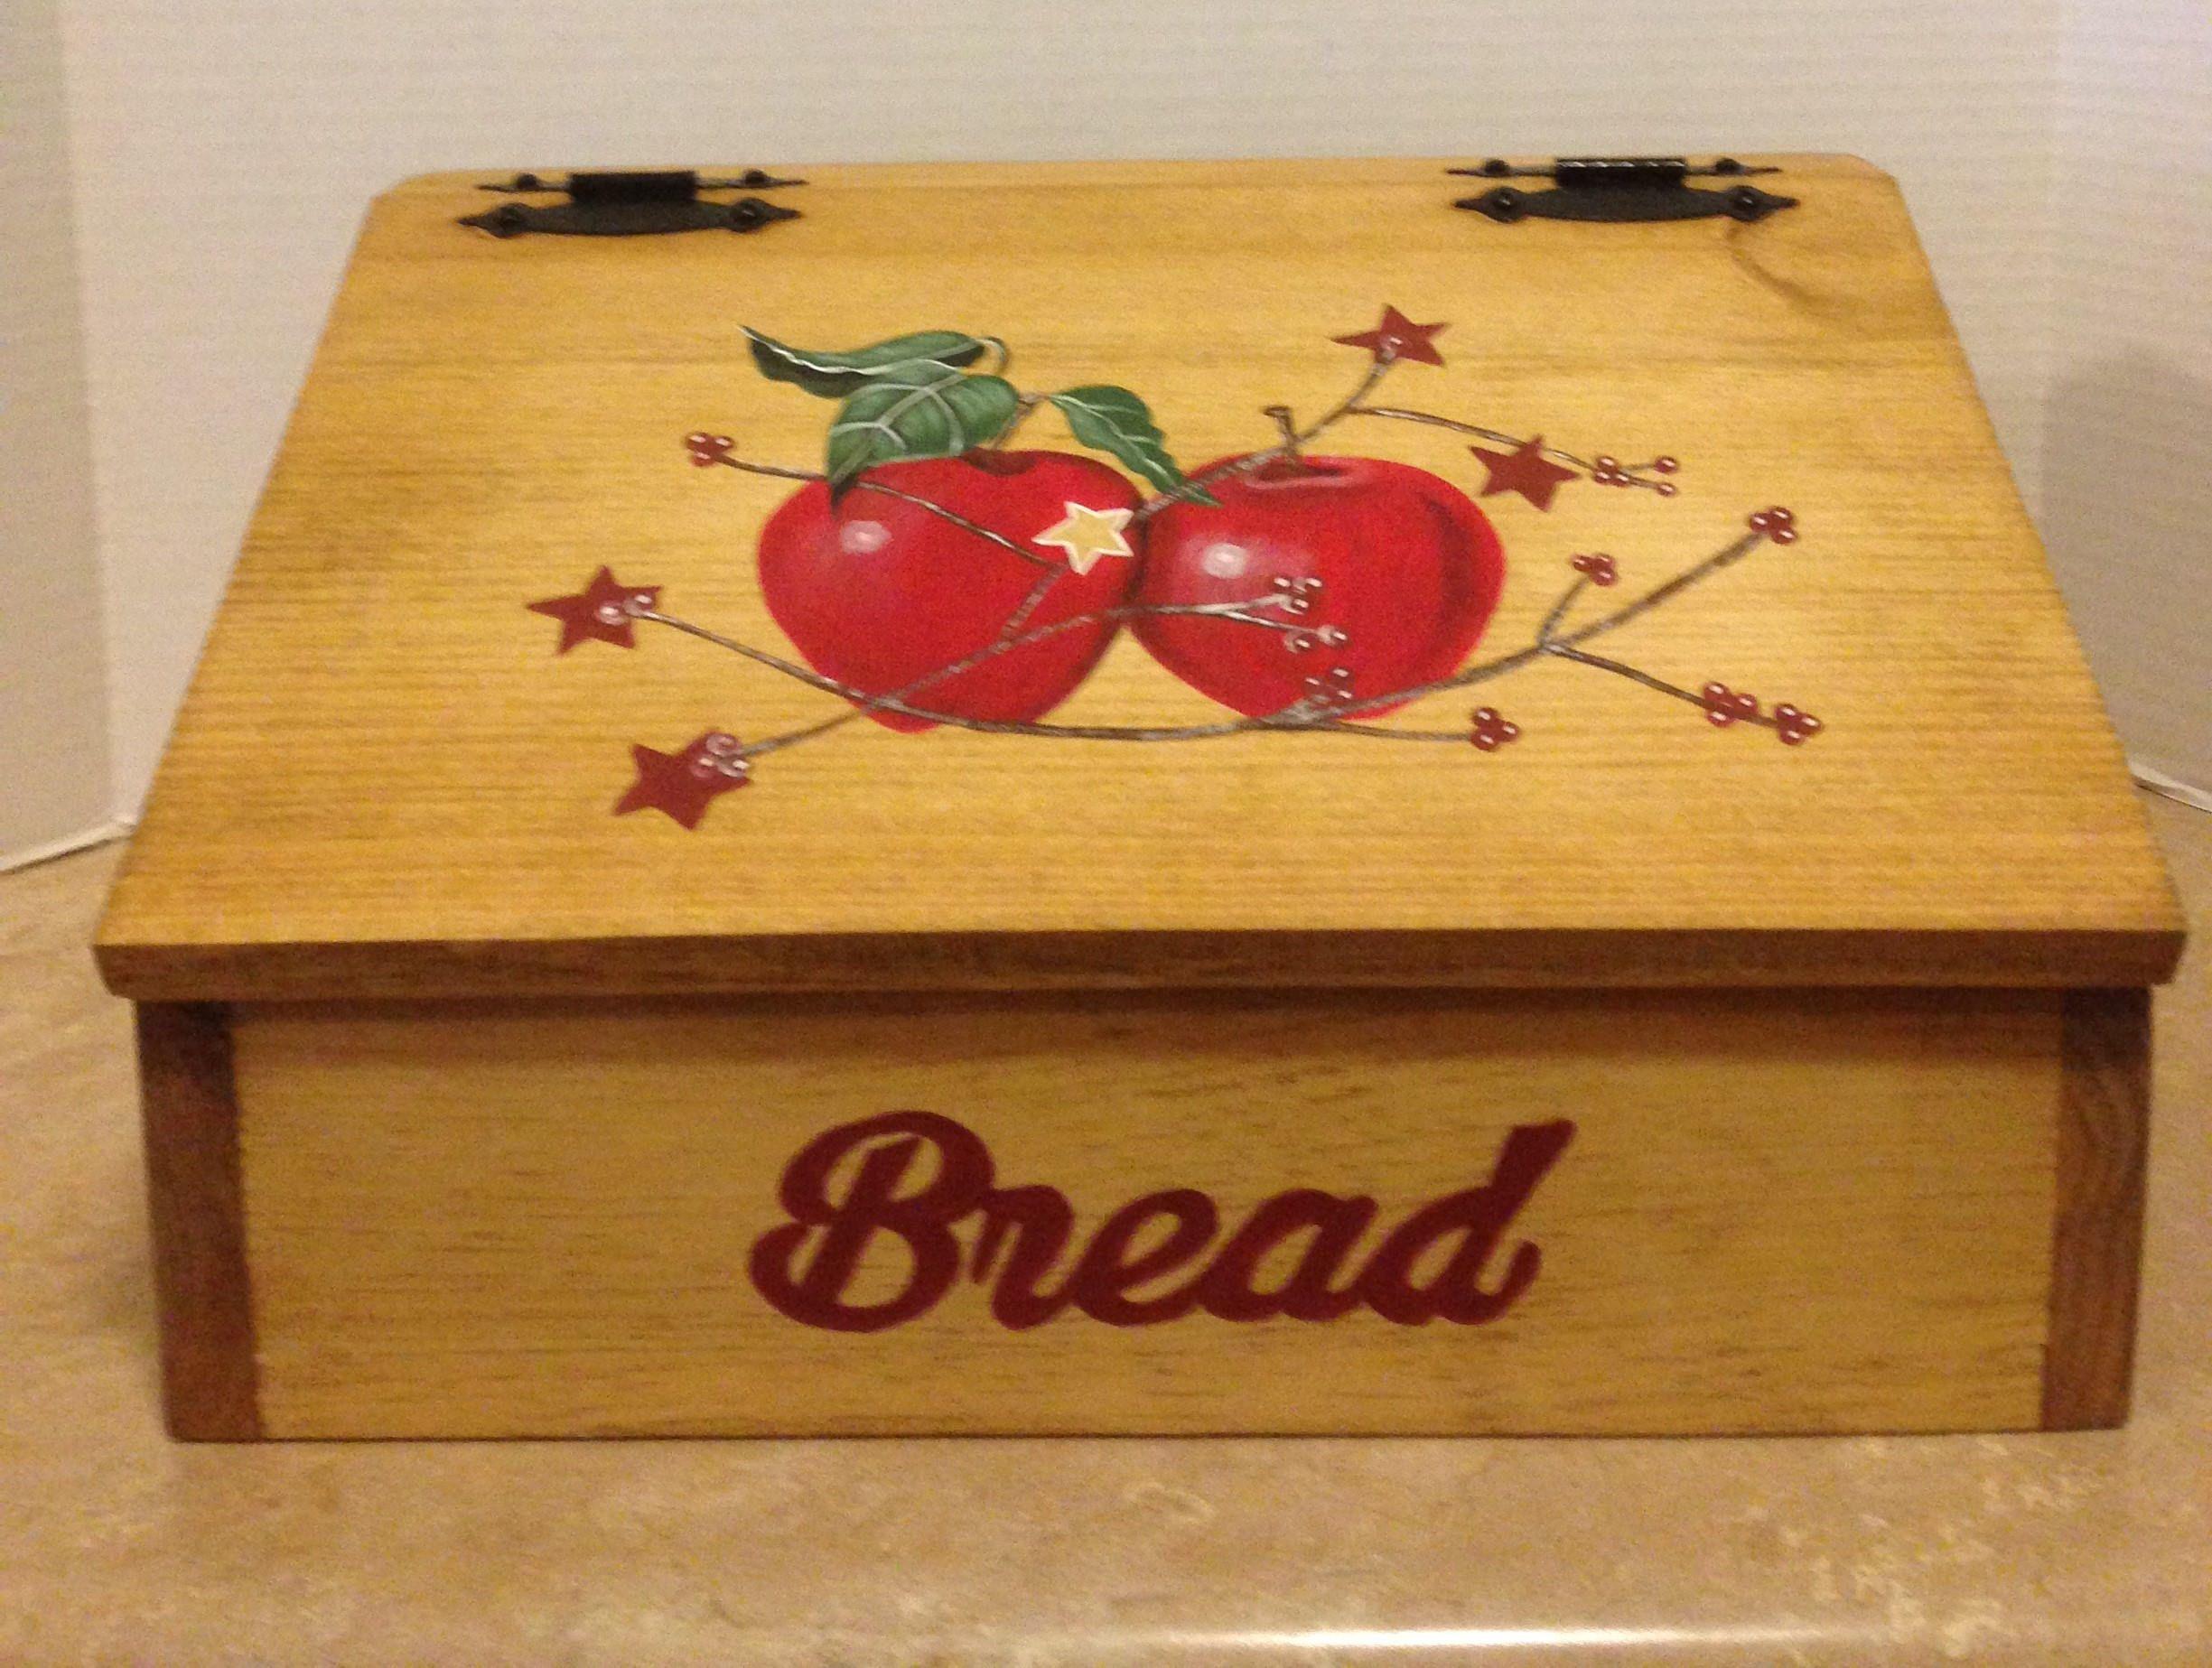 Bread Box Apple Decor Apple Kitchen Decor Primitive apples